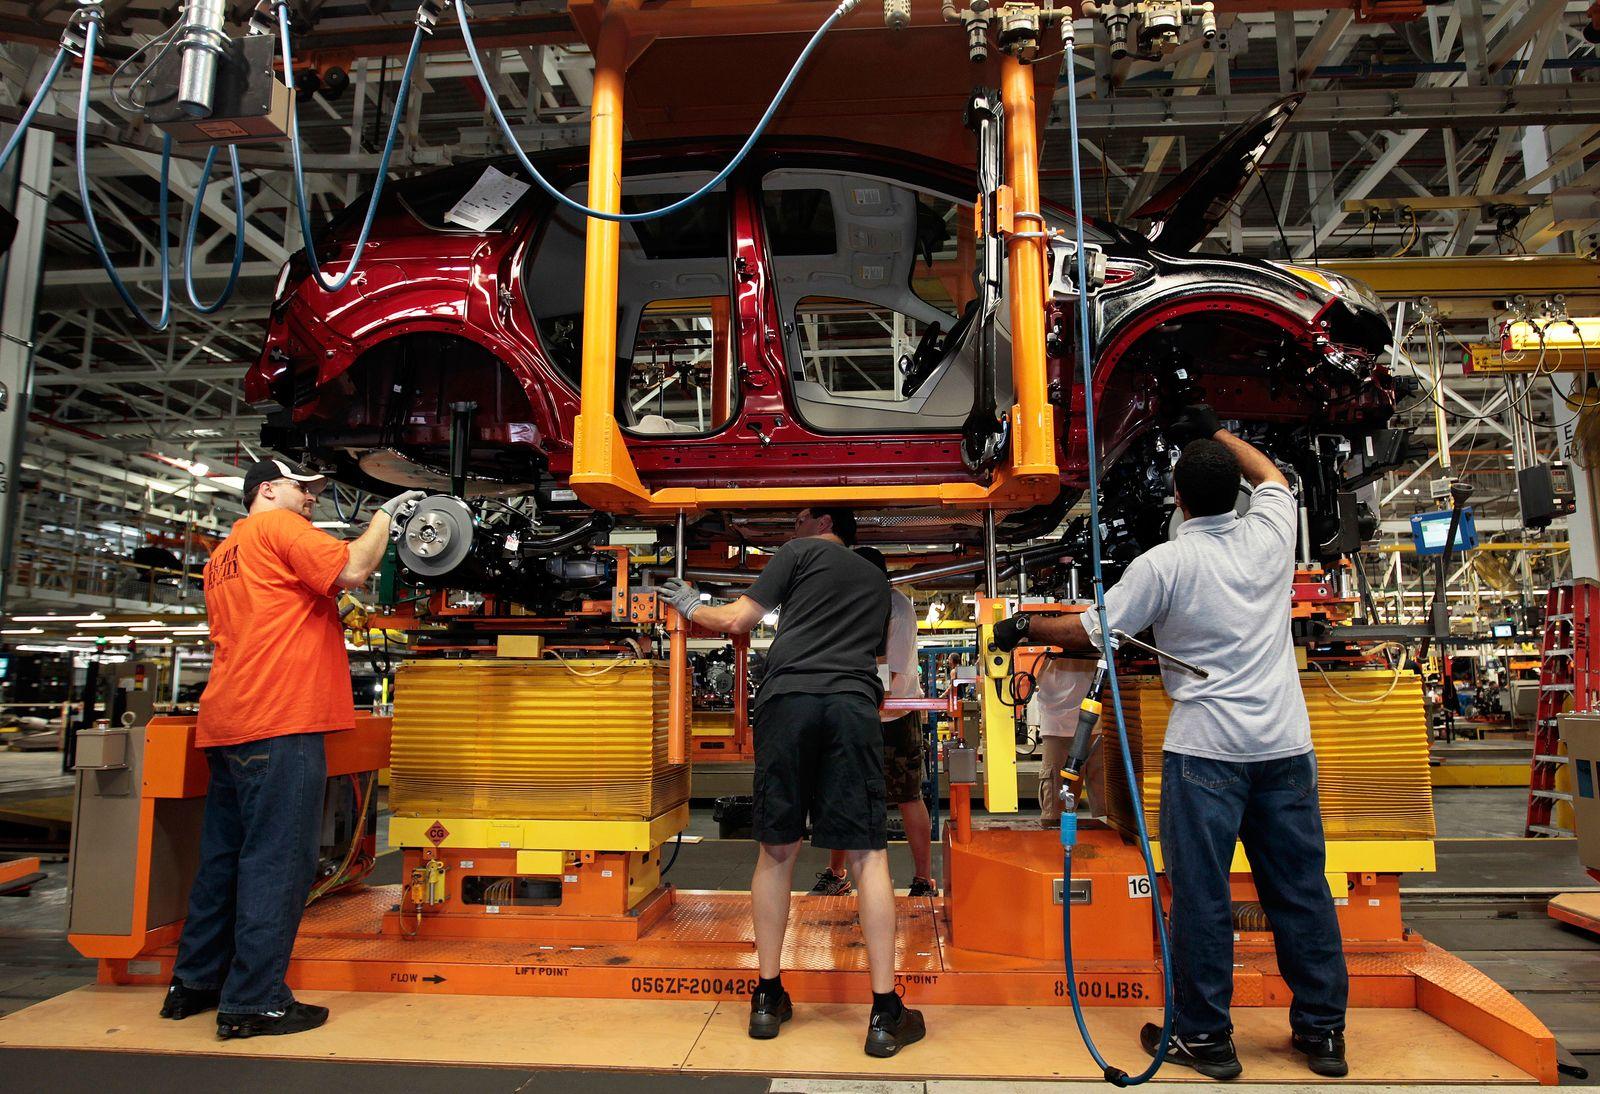 USA / Konjunktur / Auto-Produktion / Arbeitsmarkt / Arbeitslosigkeit